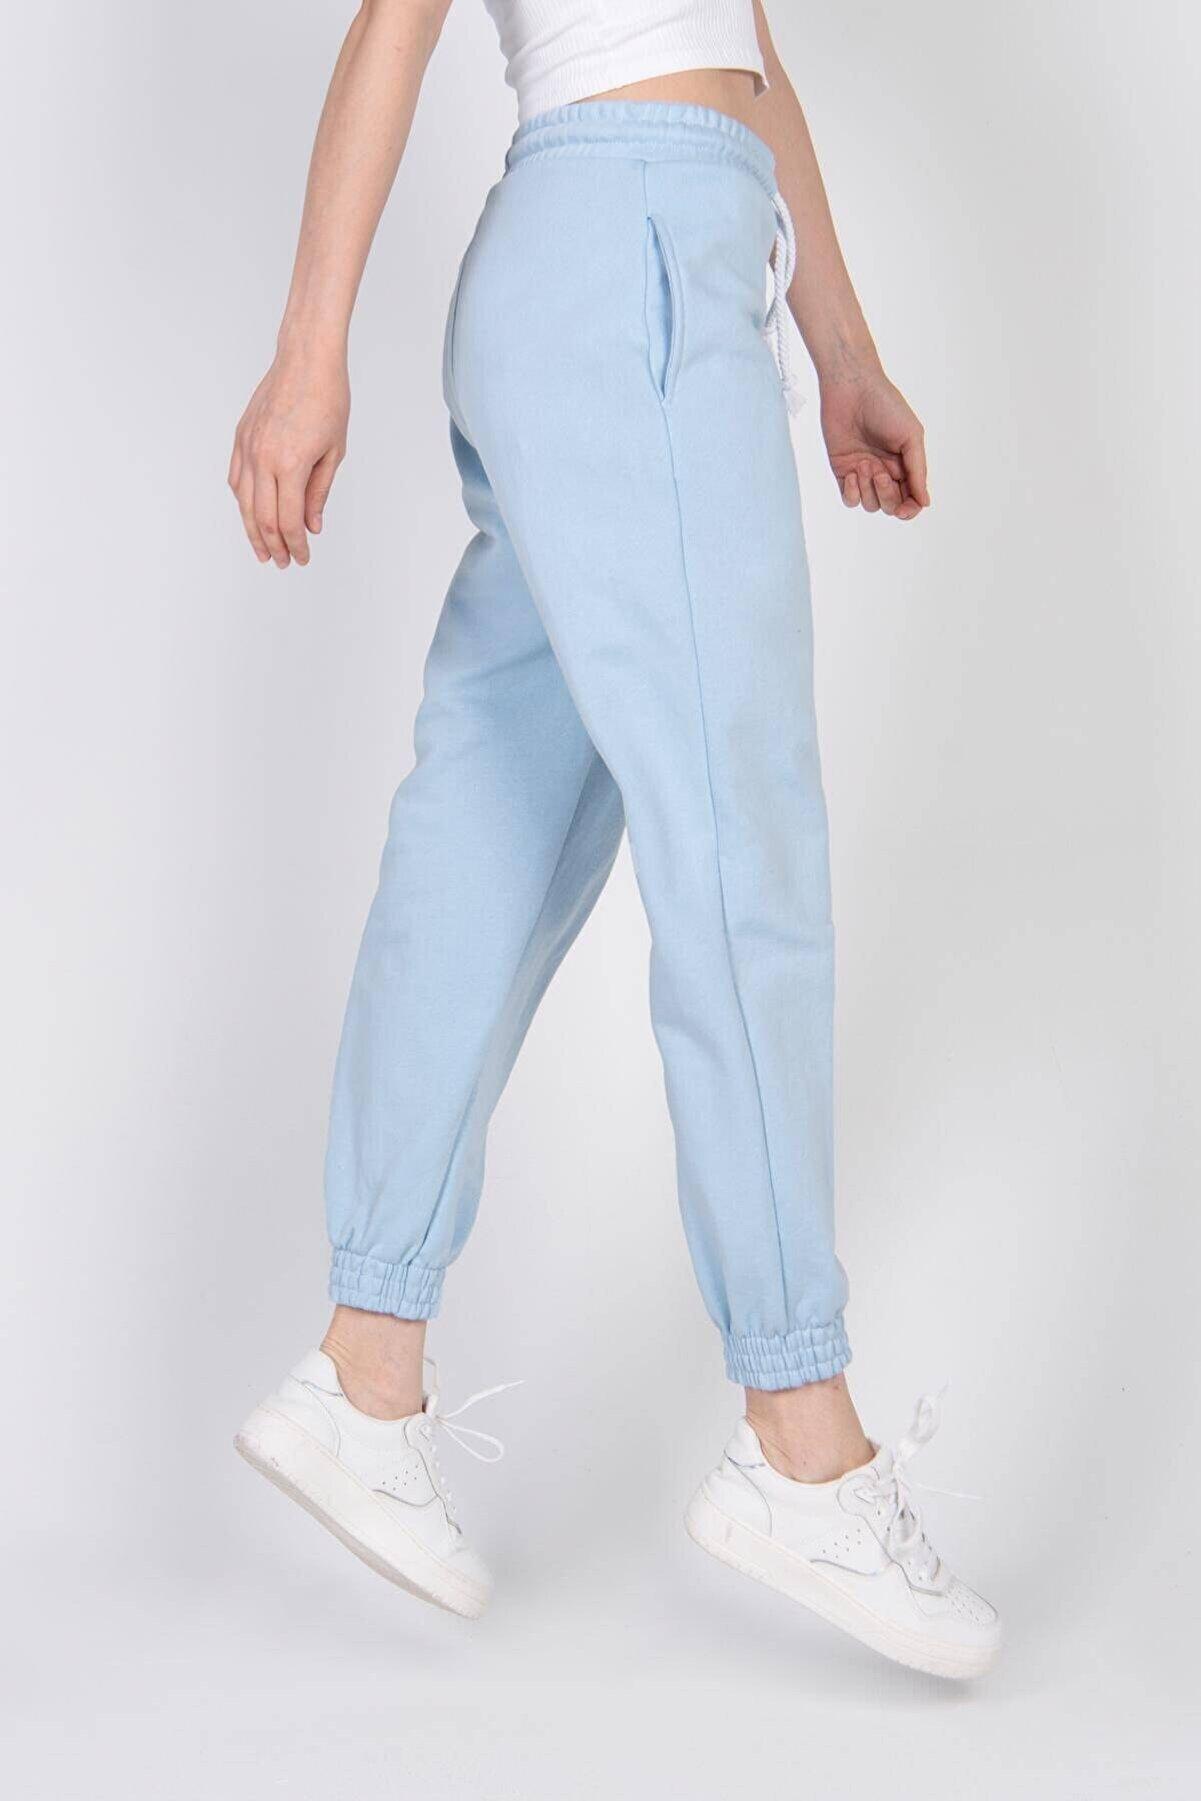 Addax Kadın Buz Mavi Paçası Lastikli Eşofman Eşf9430 - G1H1 Adx-0000022199